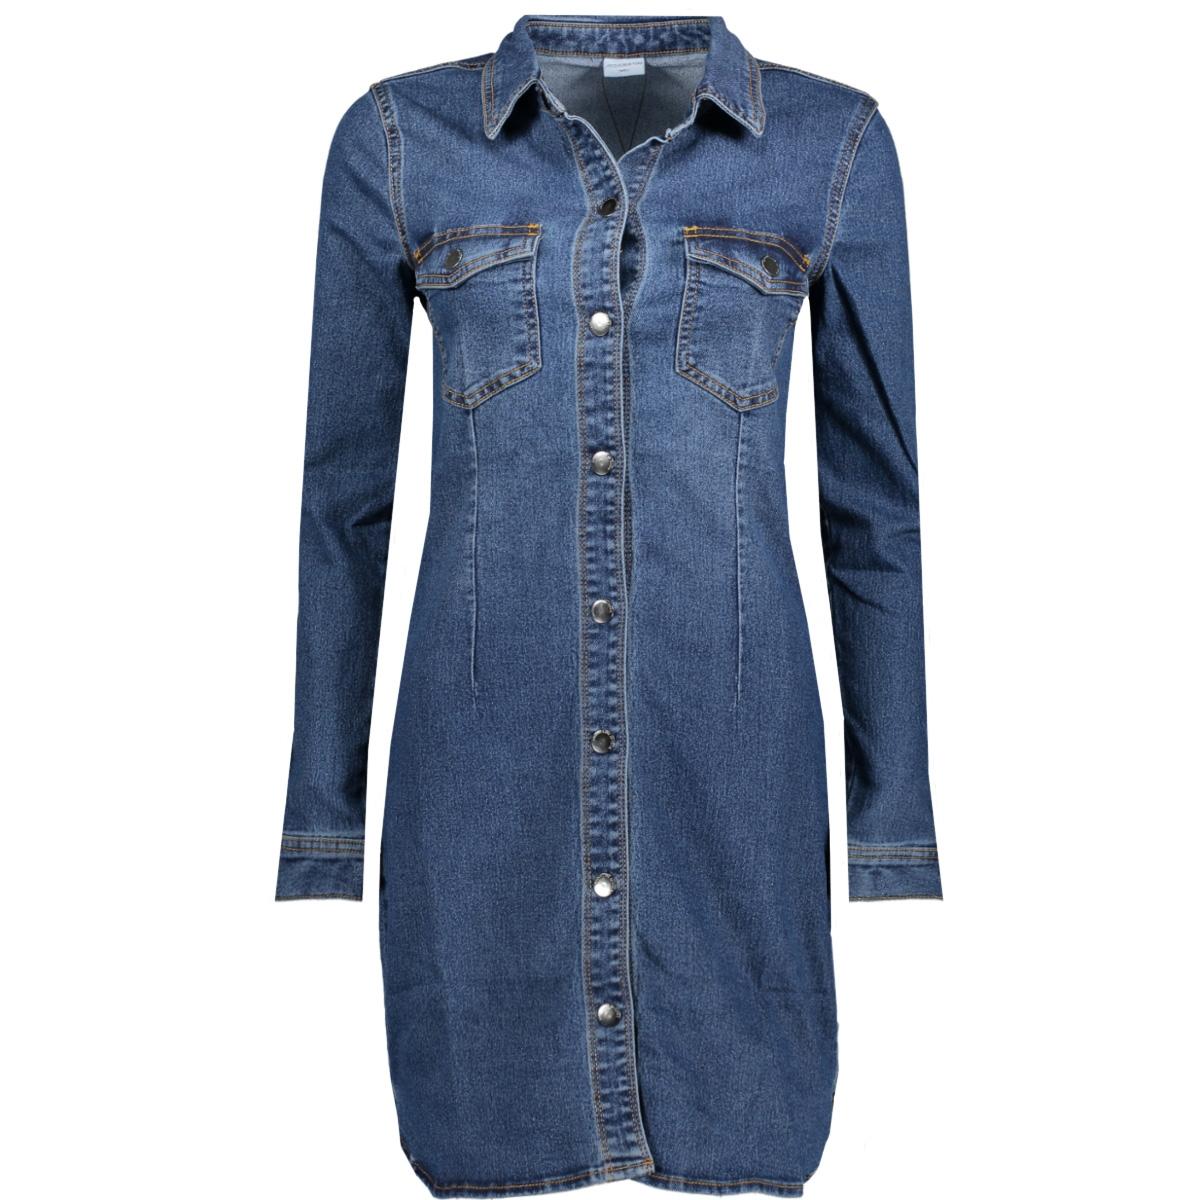 jdysanna denim dress dnm 15147486 jacqueline de yong jurk medium blue denim